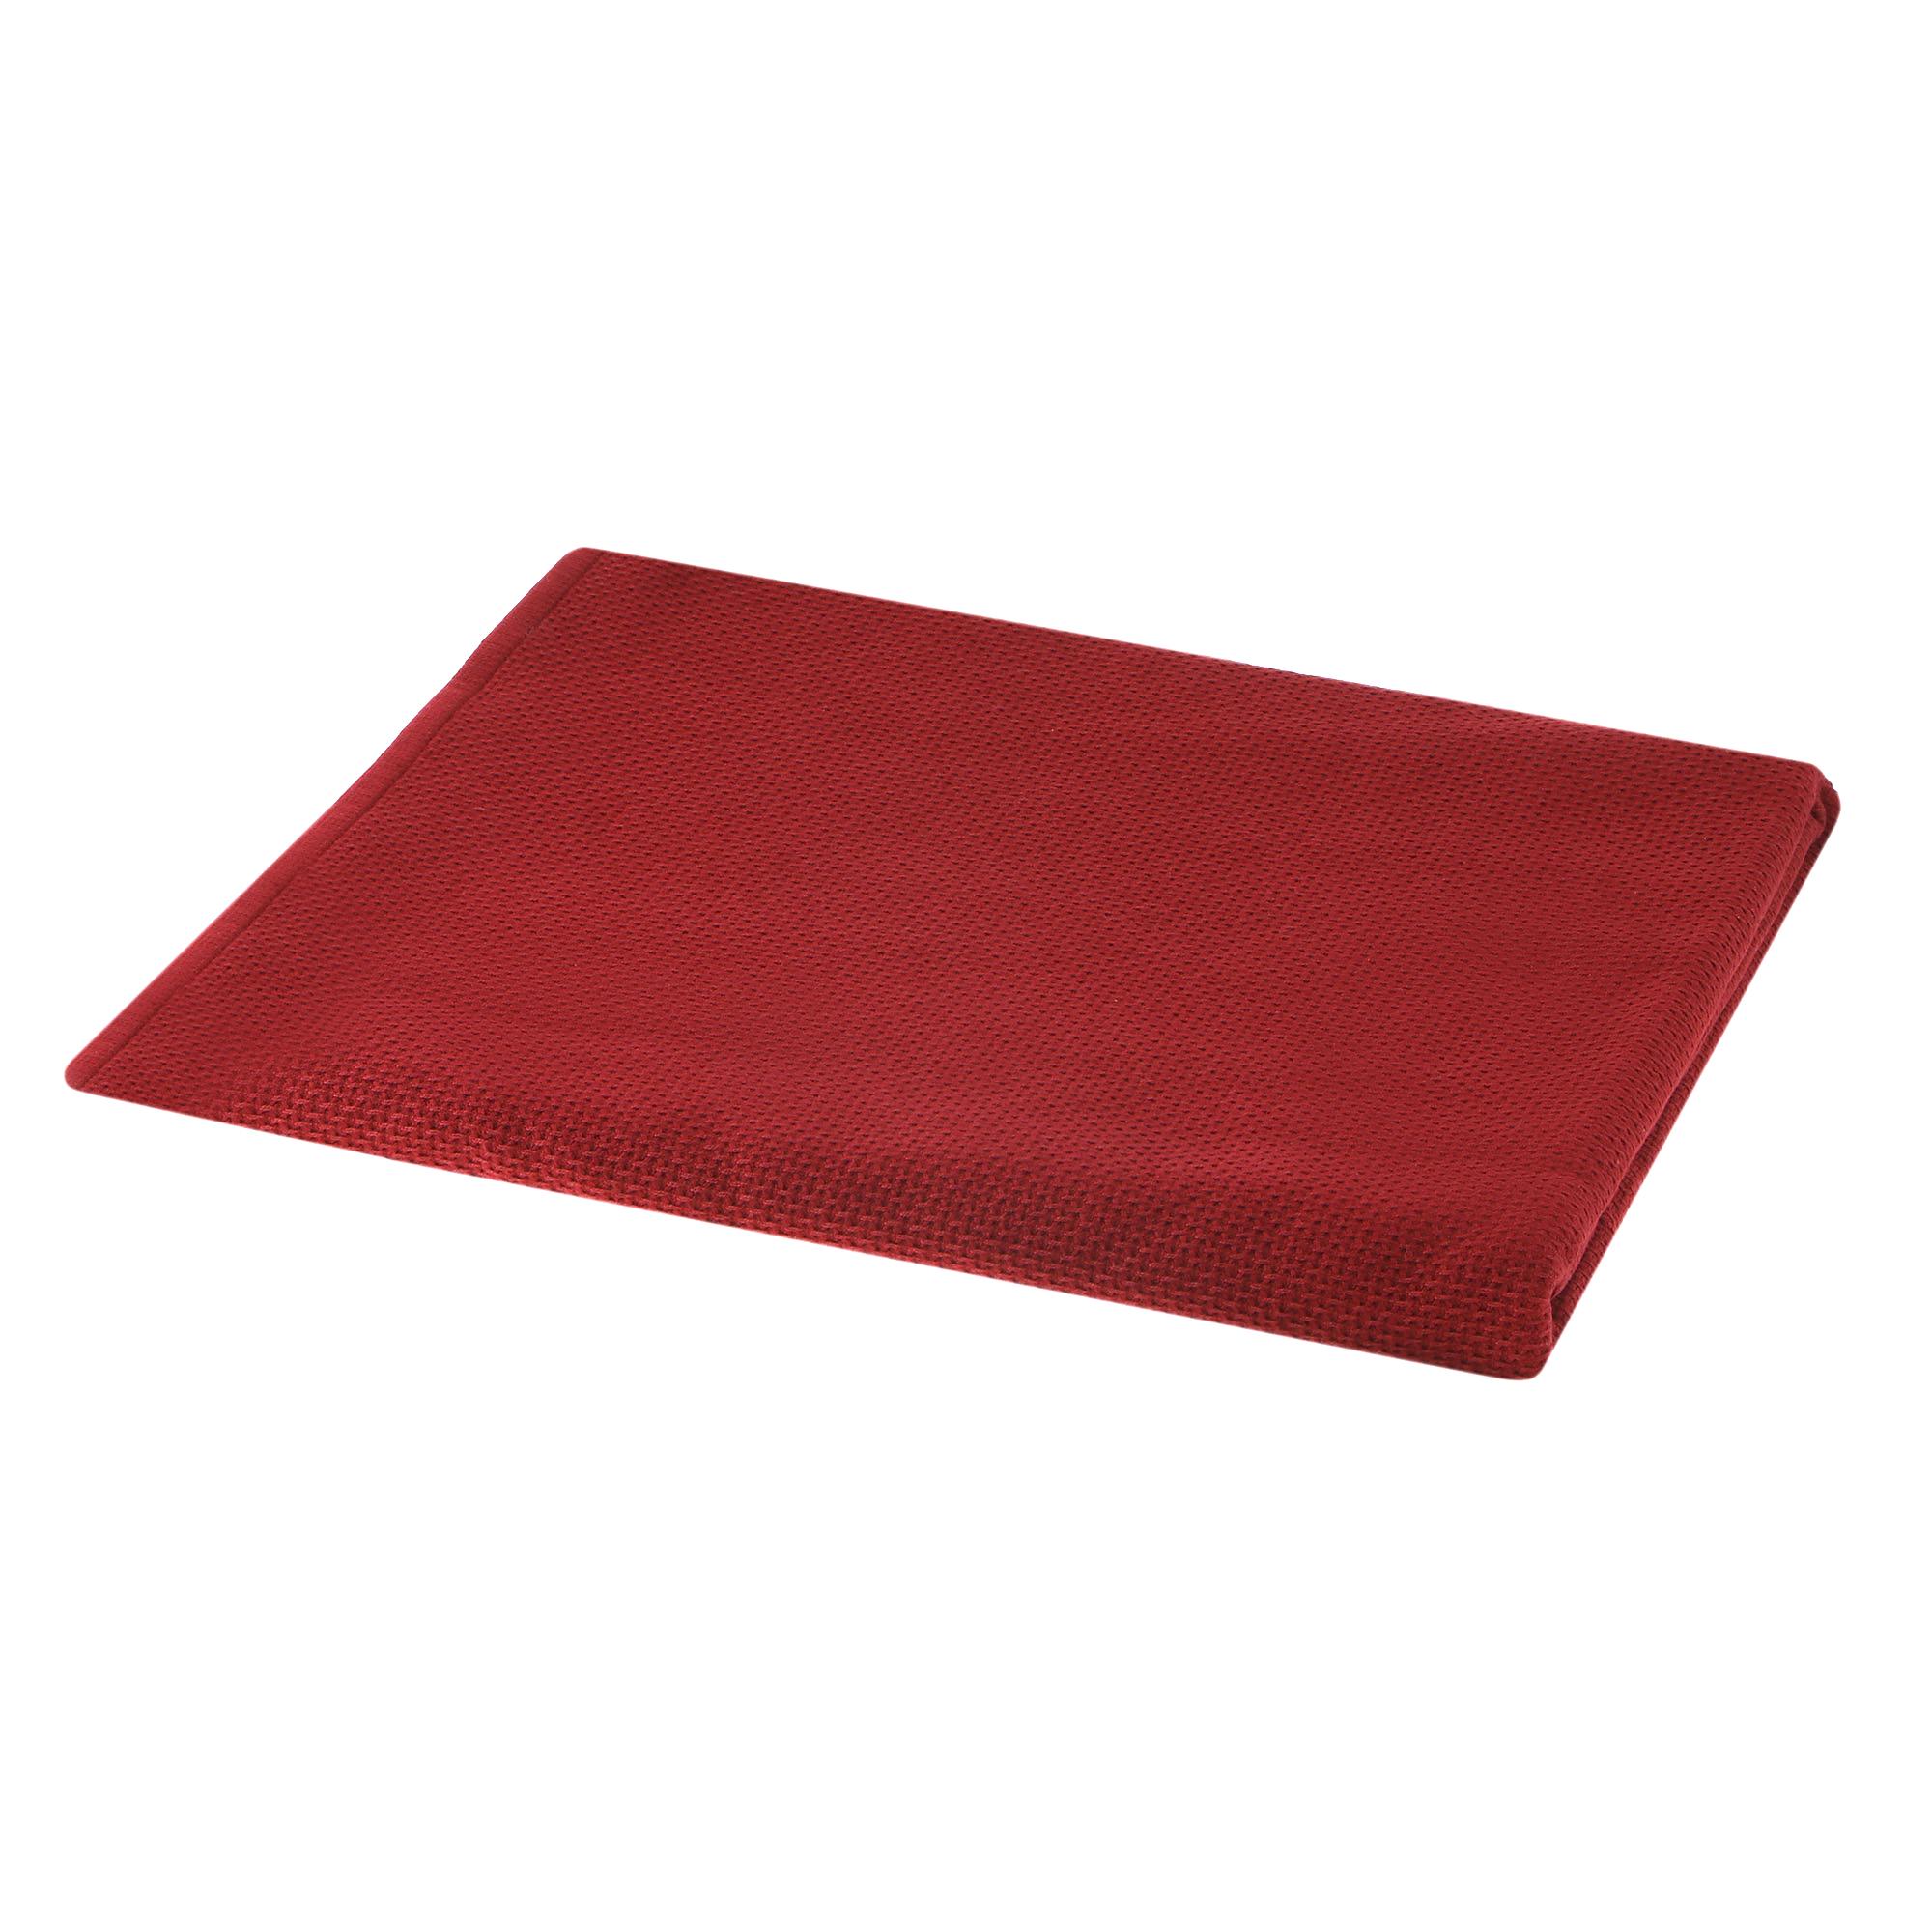 Полотенце двухстороннее 70x140 Asil d.red полотенце махровое asil woody 70x140 l blue